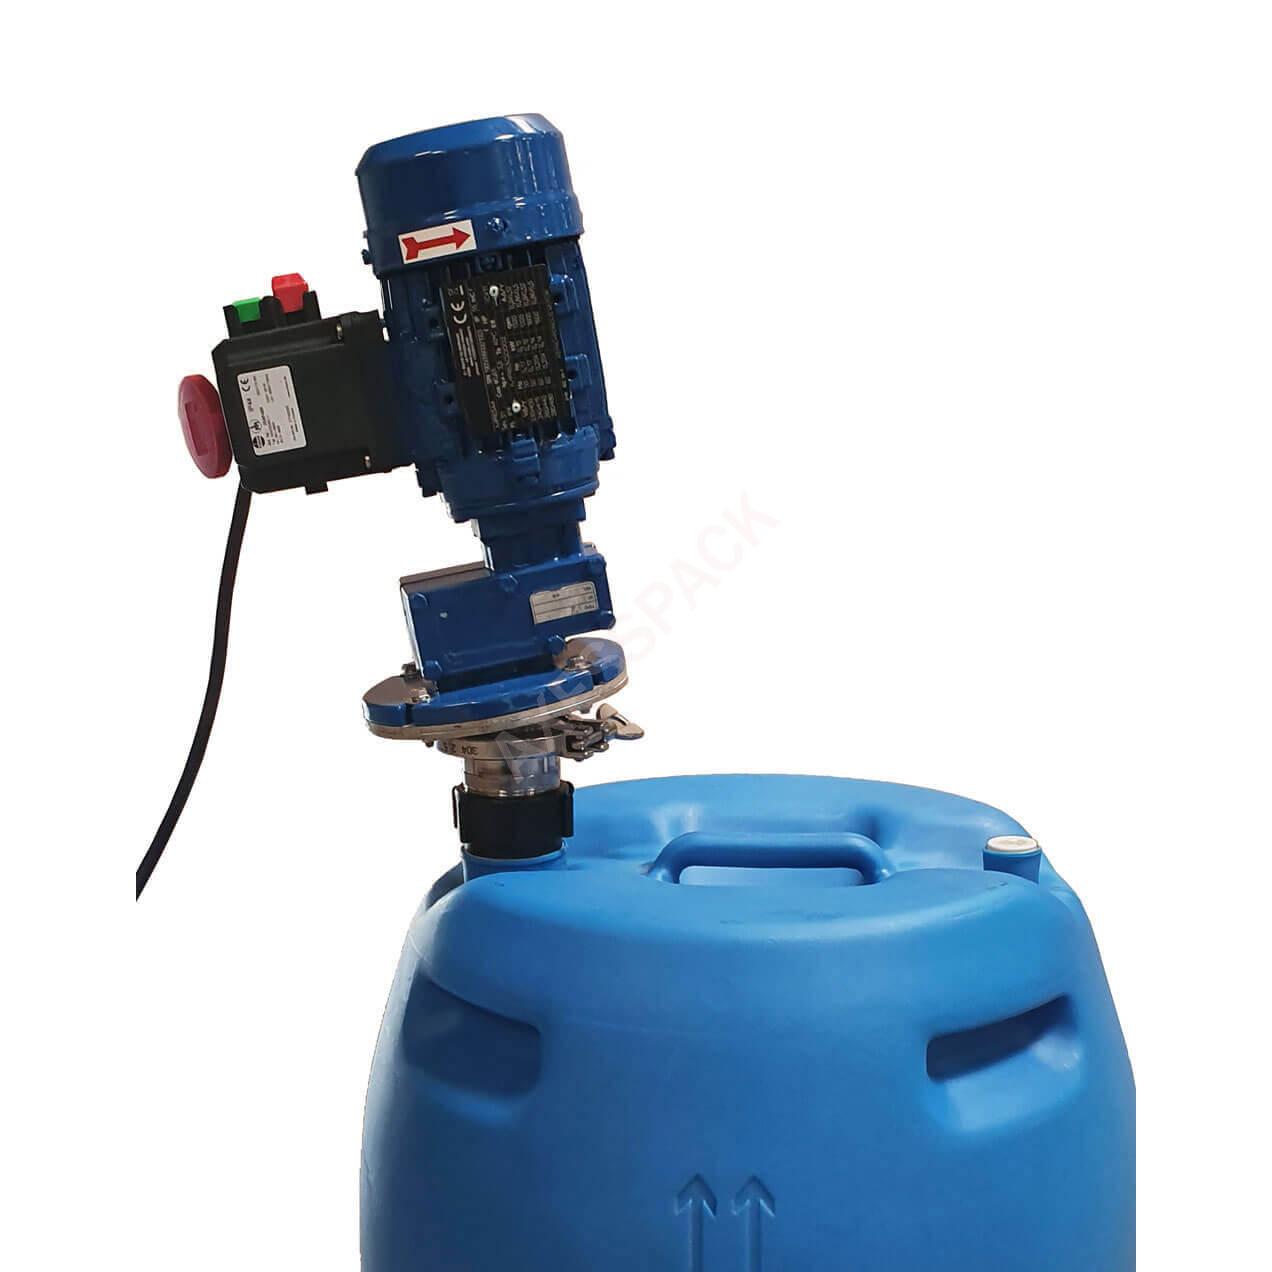 Agitateur électrique TM fût 210L - 285 tr/min + Adaptateur universel + Bouton M/A